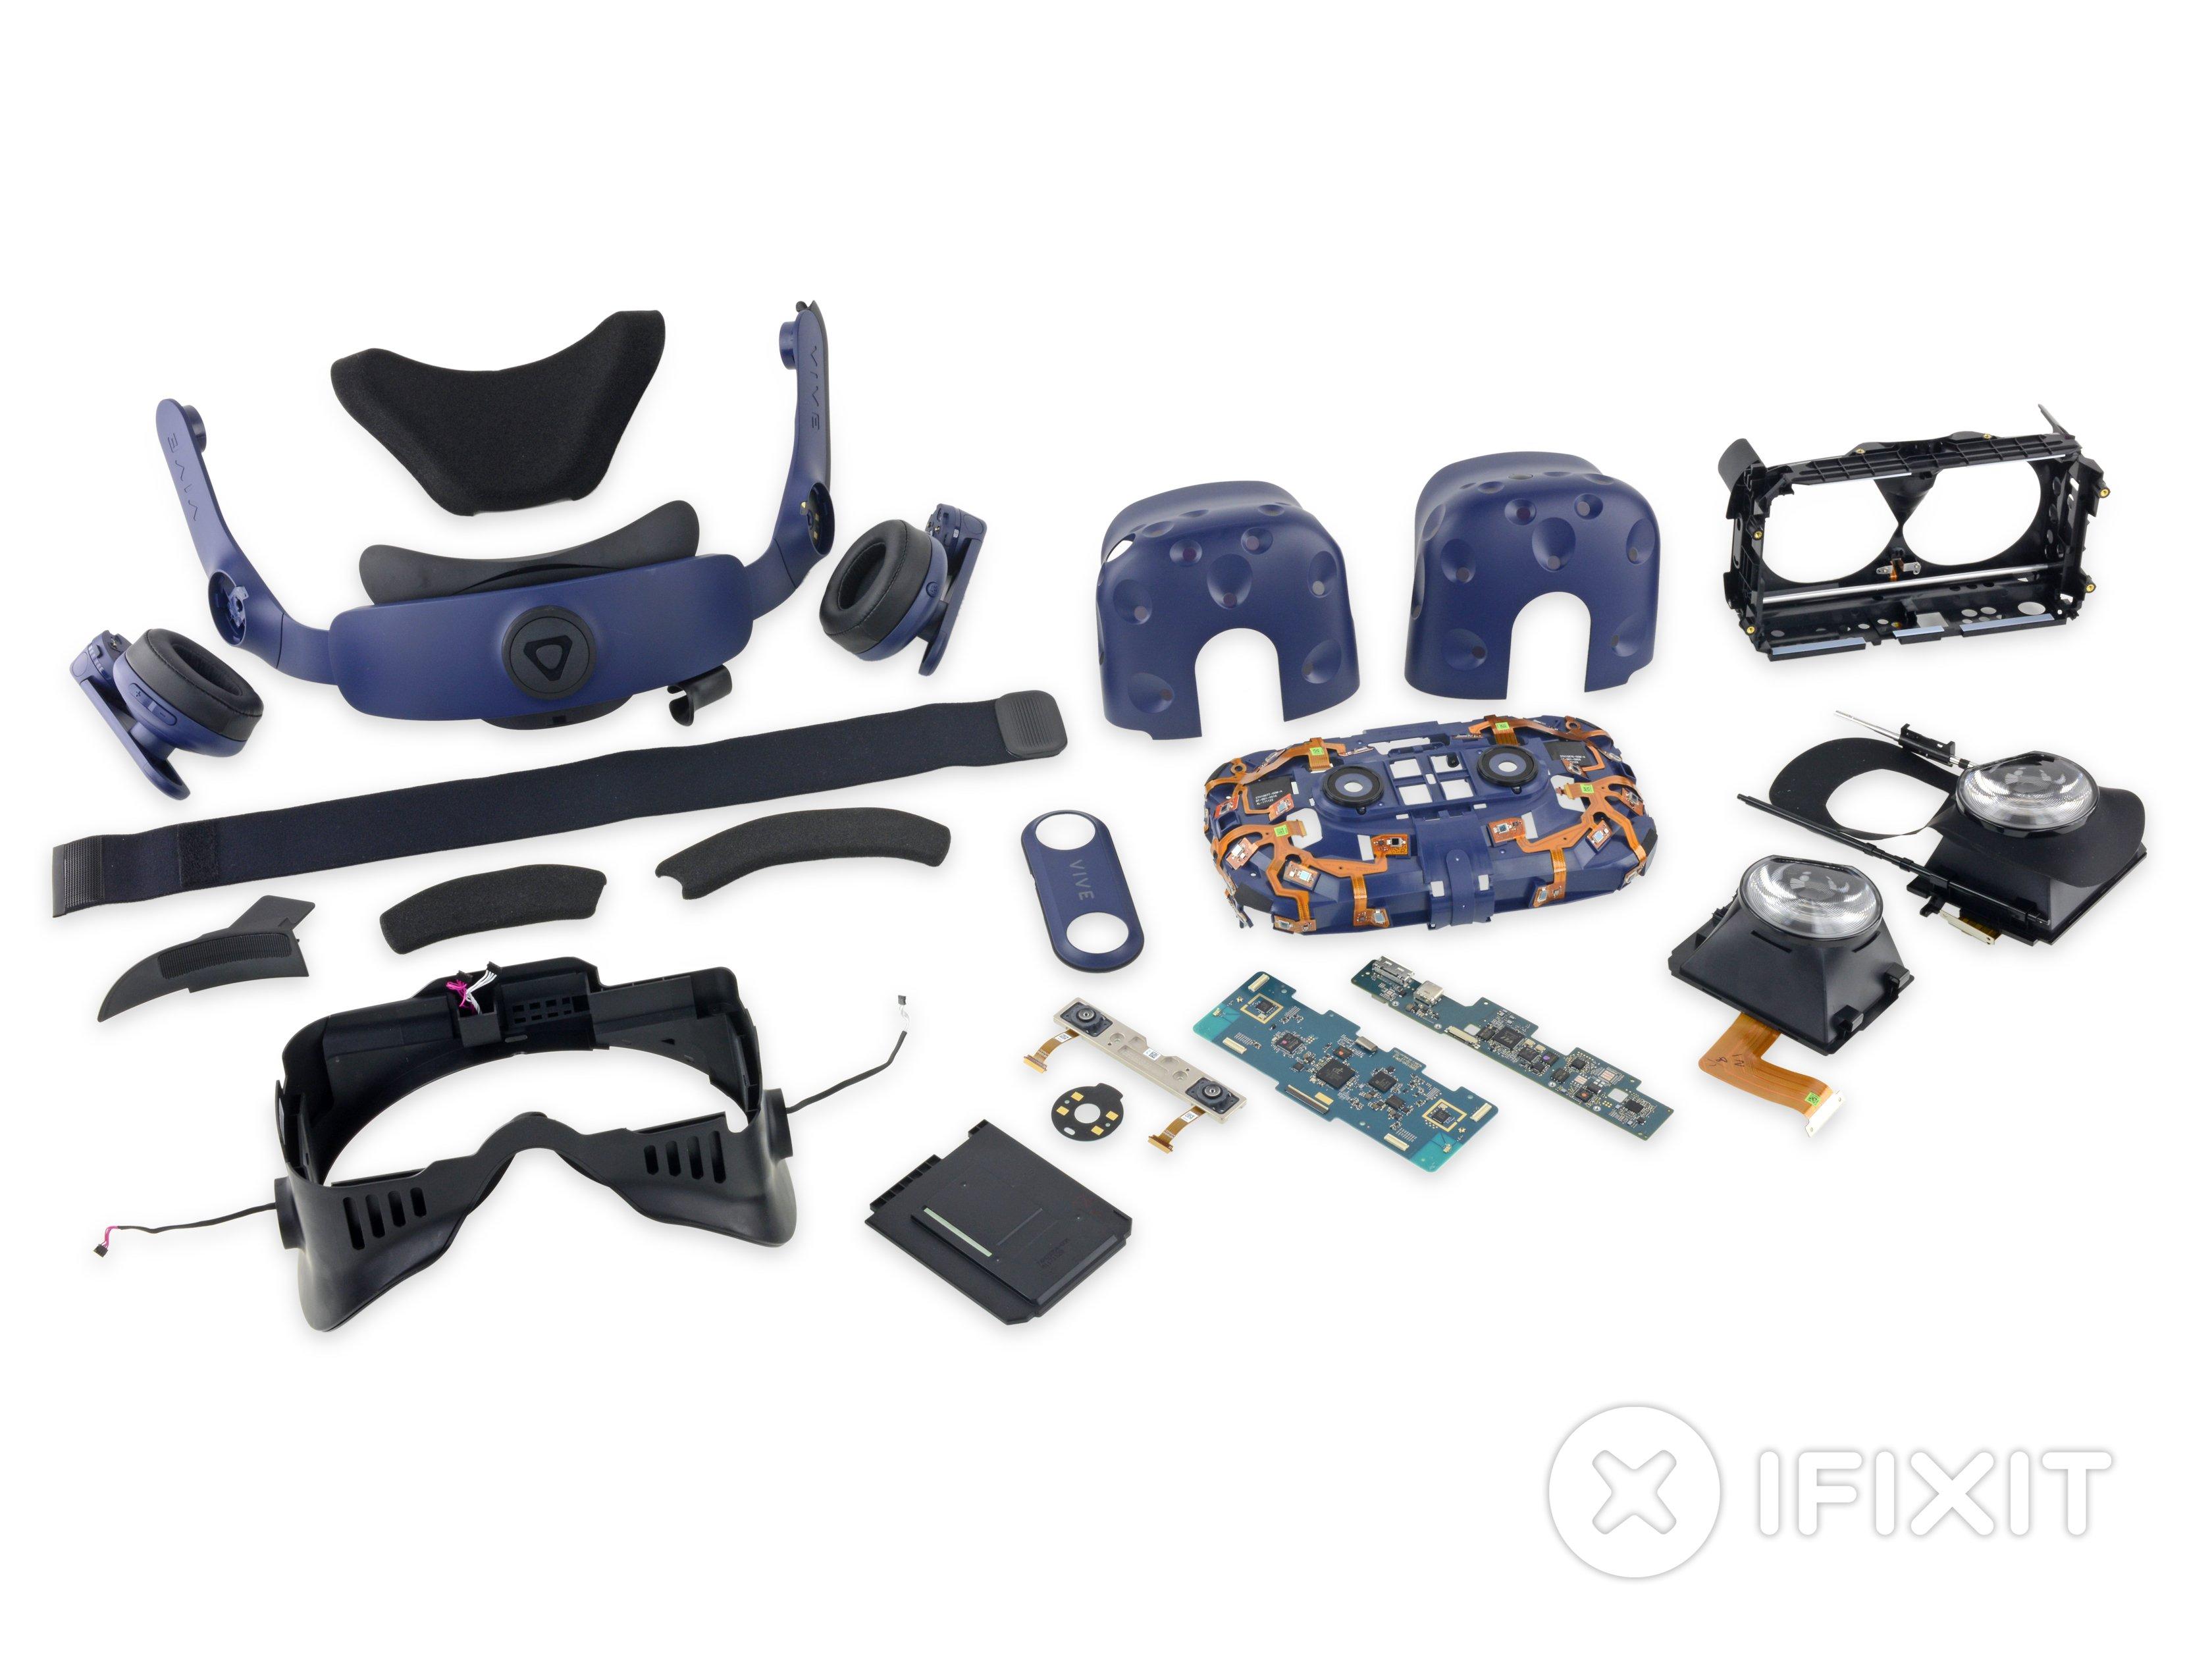 HTC Vive Pro Teardown - iFixit